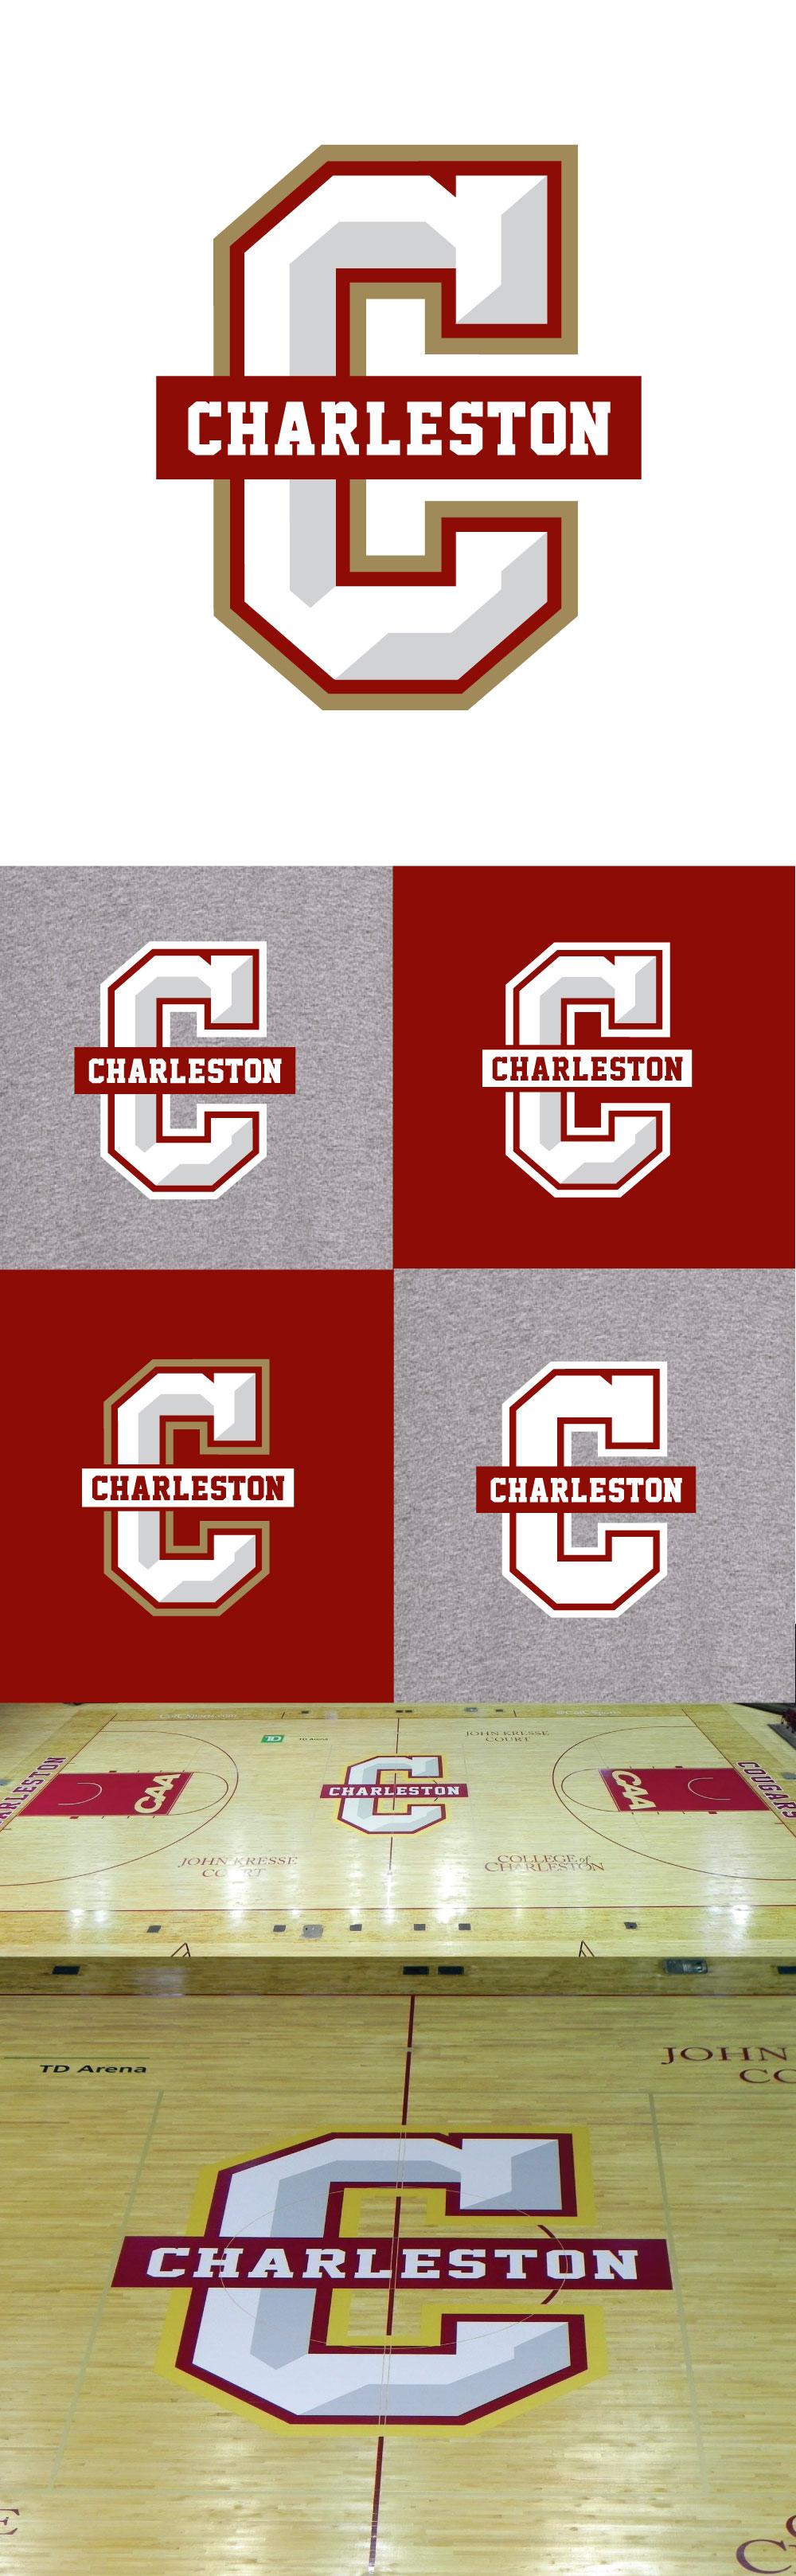 C-of-C-atheletic-logo